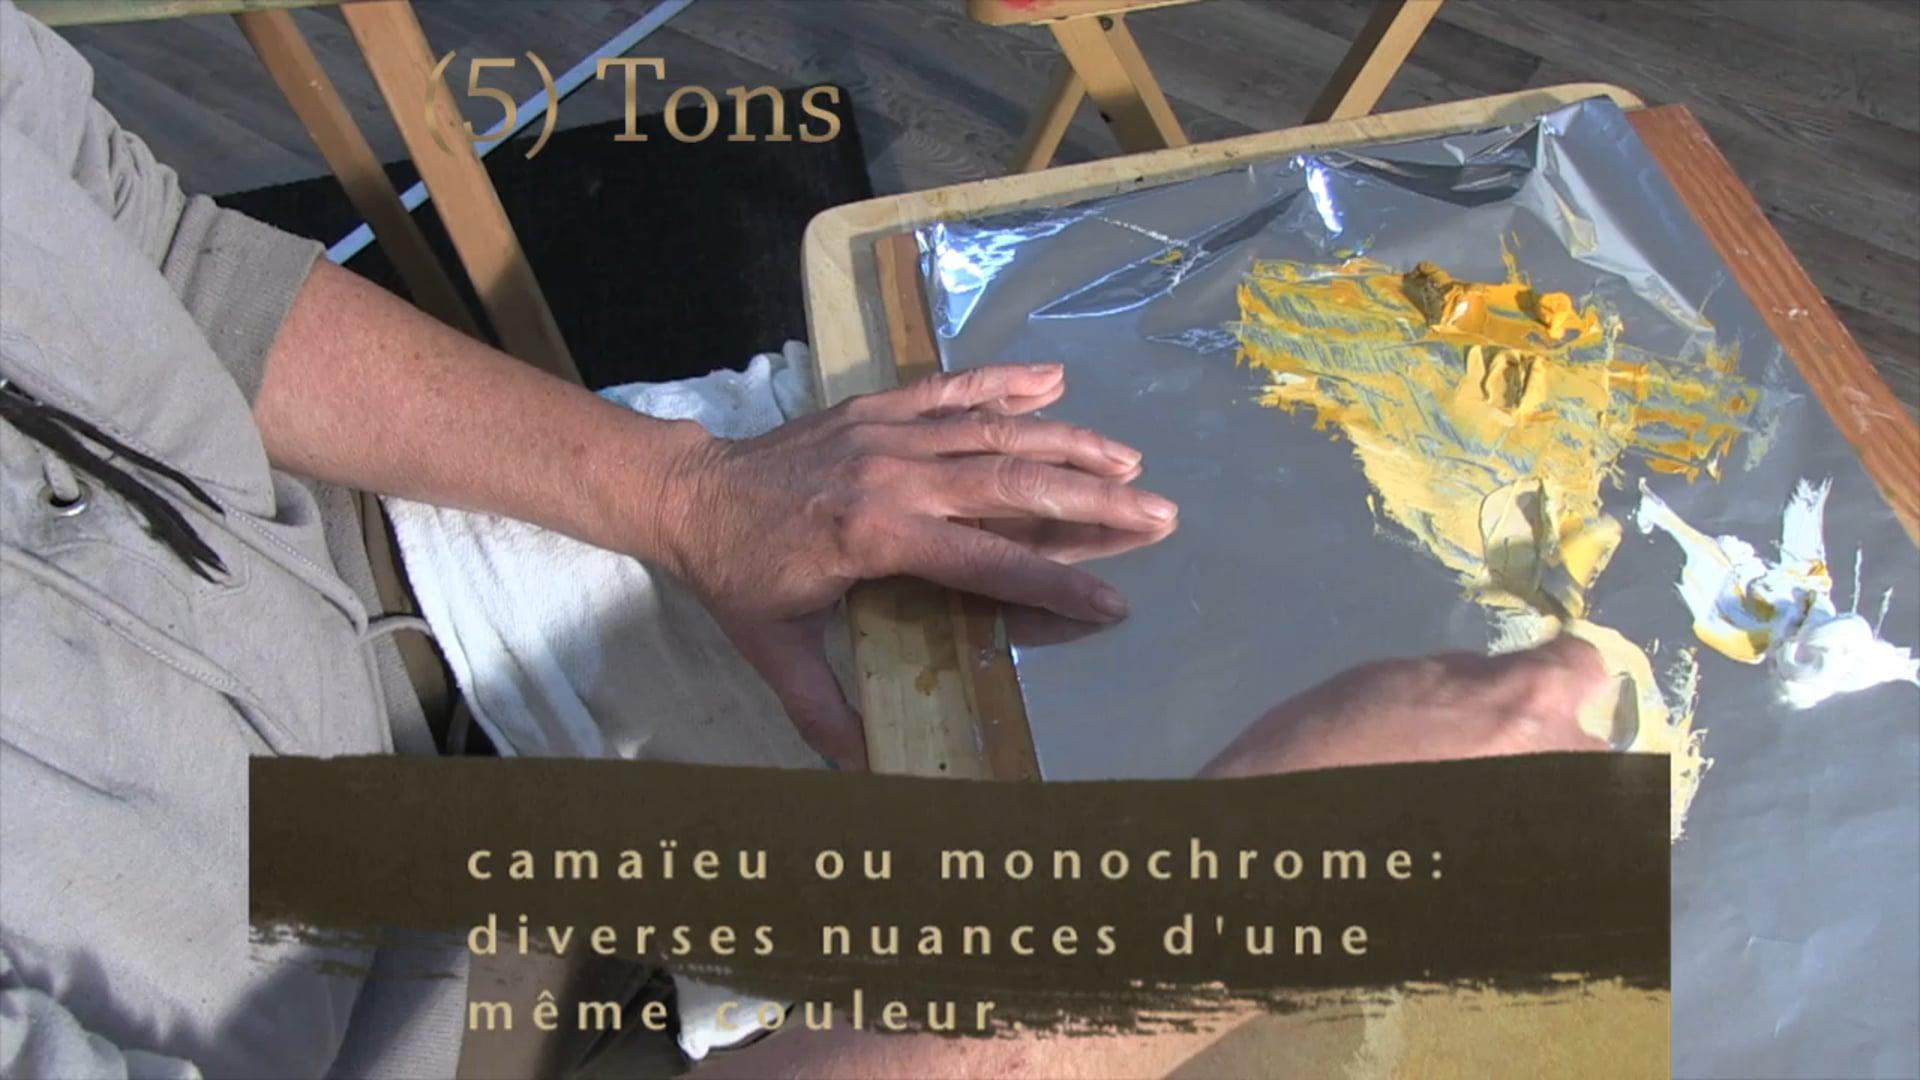 Larose Artiste Peintre: technique classique en peinture à l'huile.